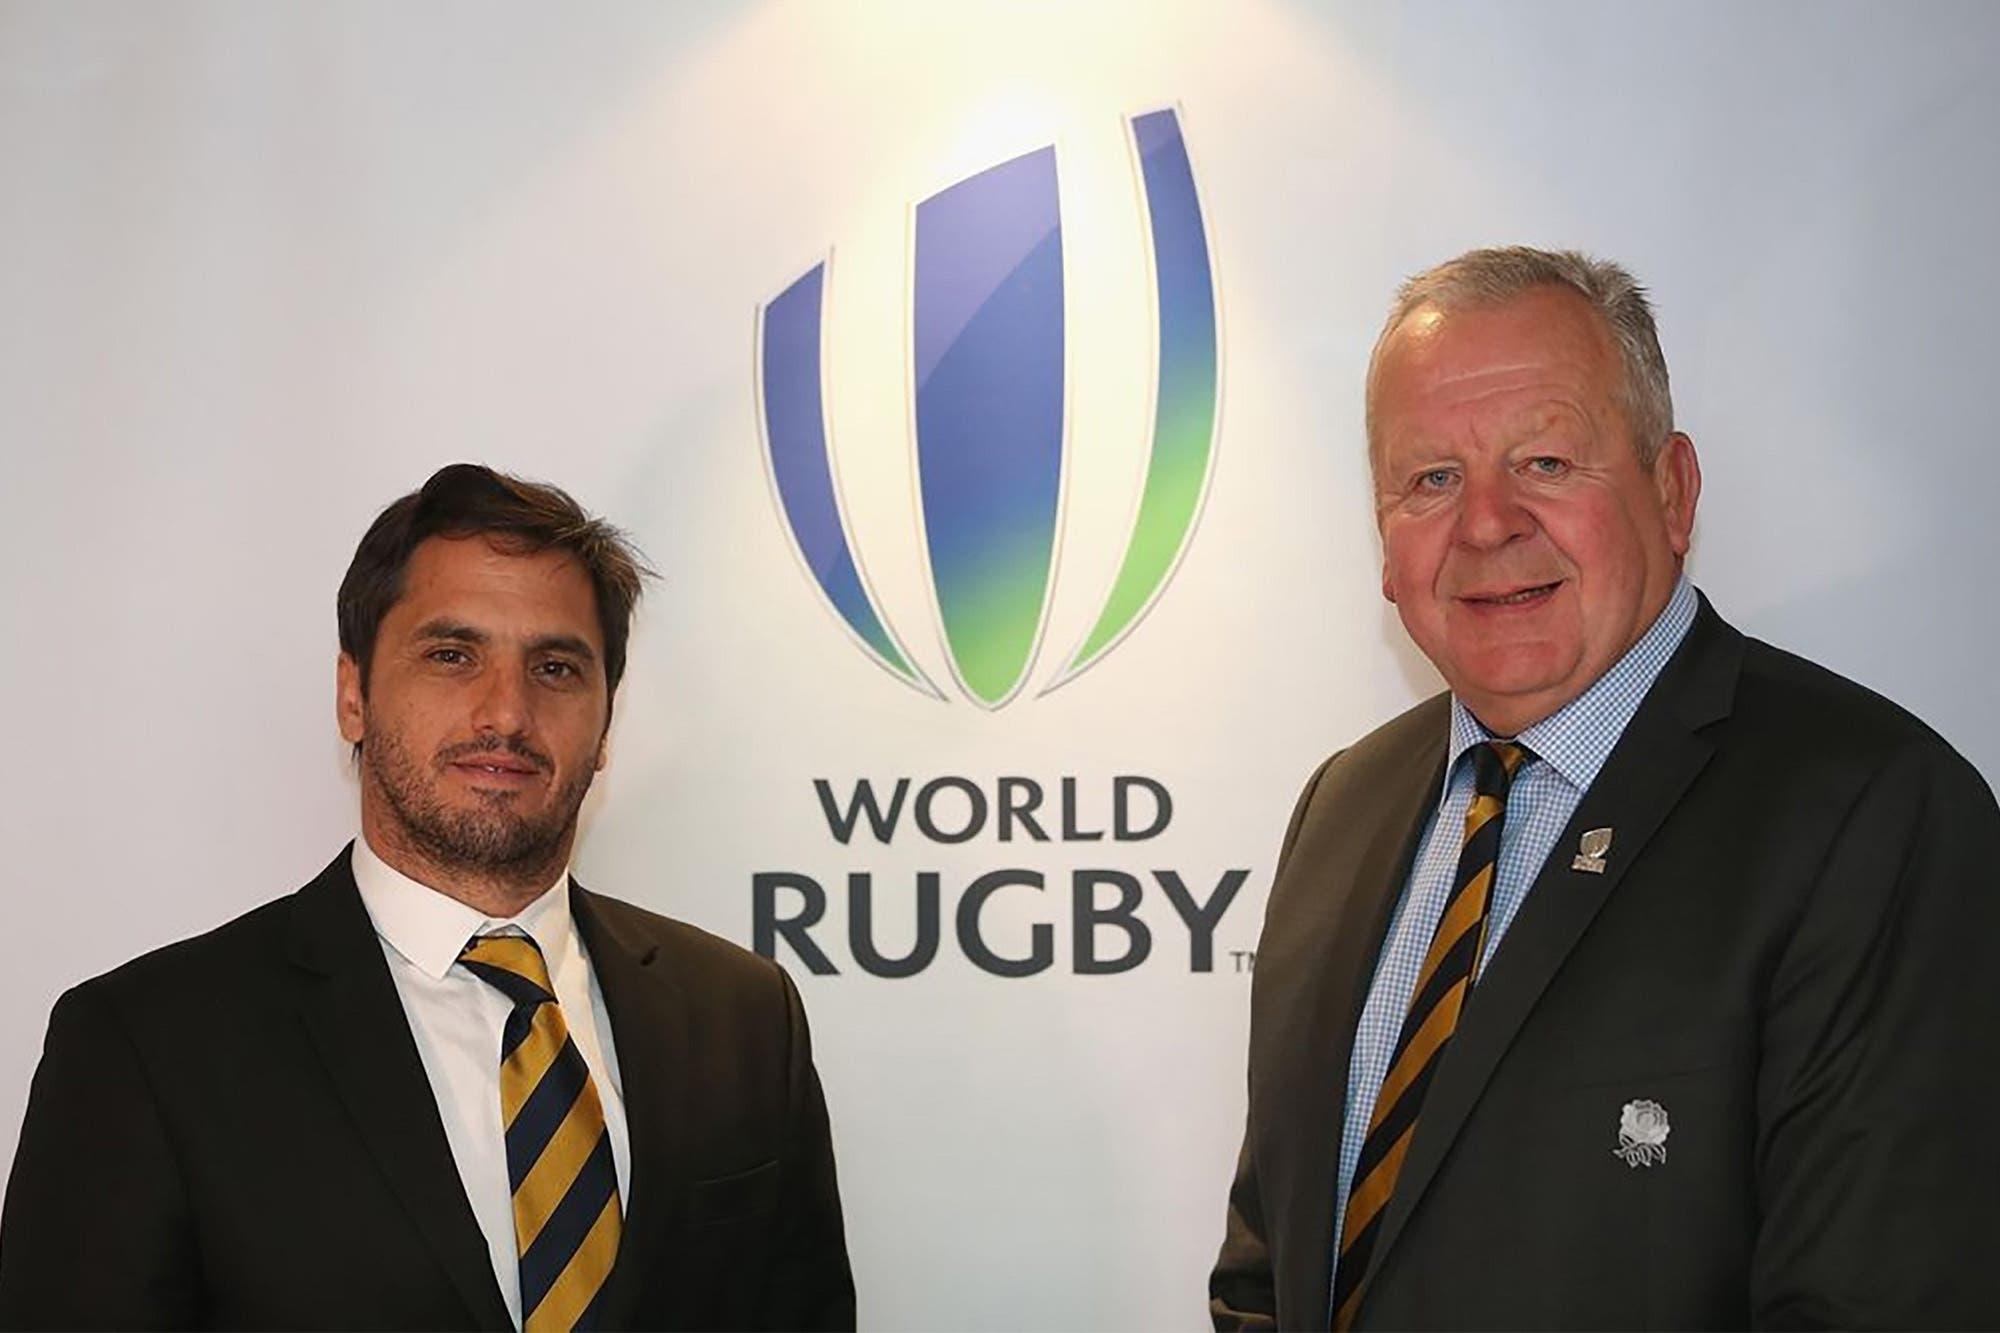 La elección en World Rugby: Agustín Pichot no será el presidente pero le deja presión al mandato de Bill Beaumont